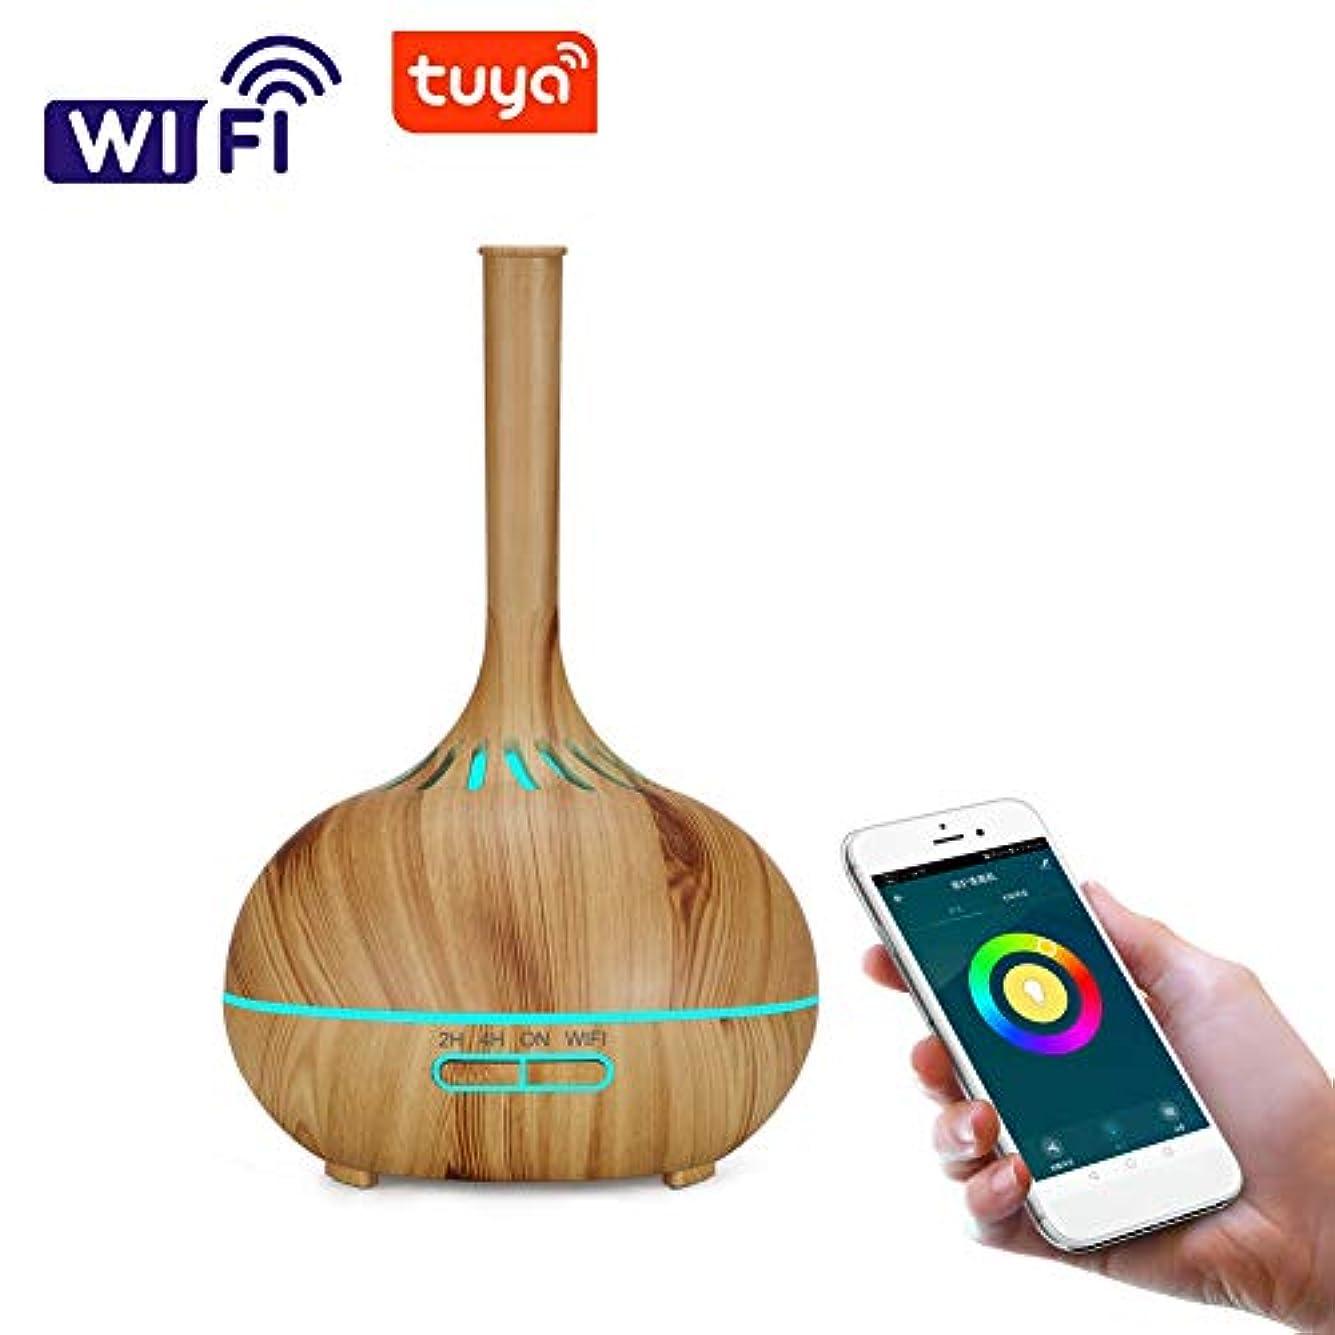 最終脚本家ペース木目 涼しい霧 超音波式 加湿器,wifi 7 色 香り 精油 ディフューザー 調整可能 空気加湿器 アロマネブライザー ホーム Yoga オフィス- 400ml